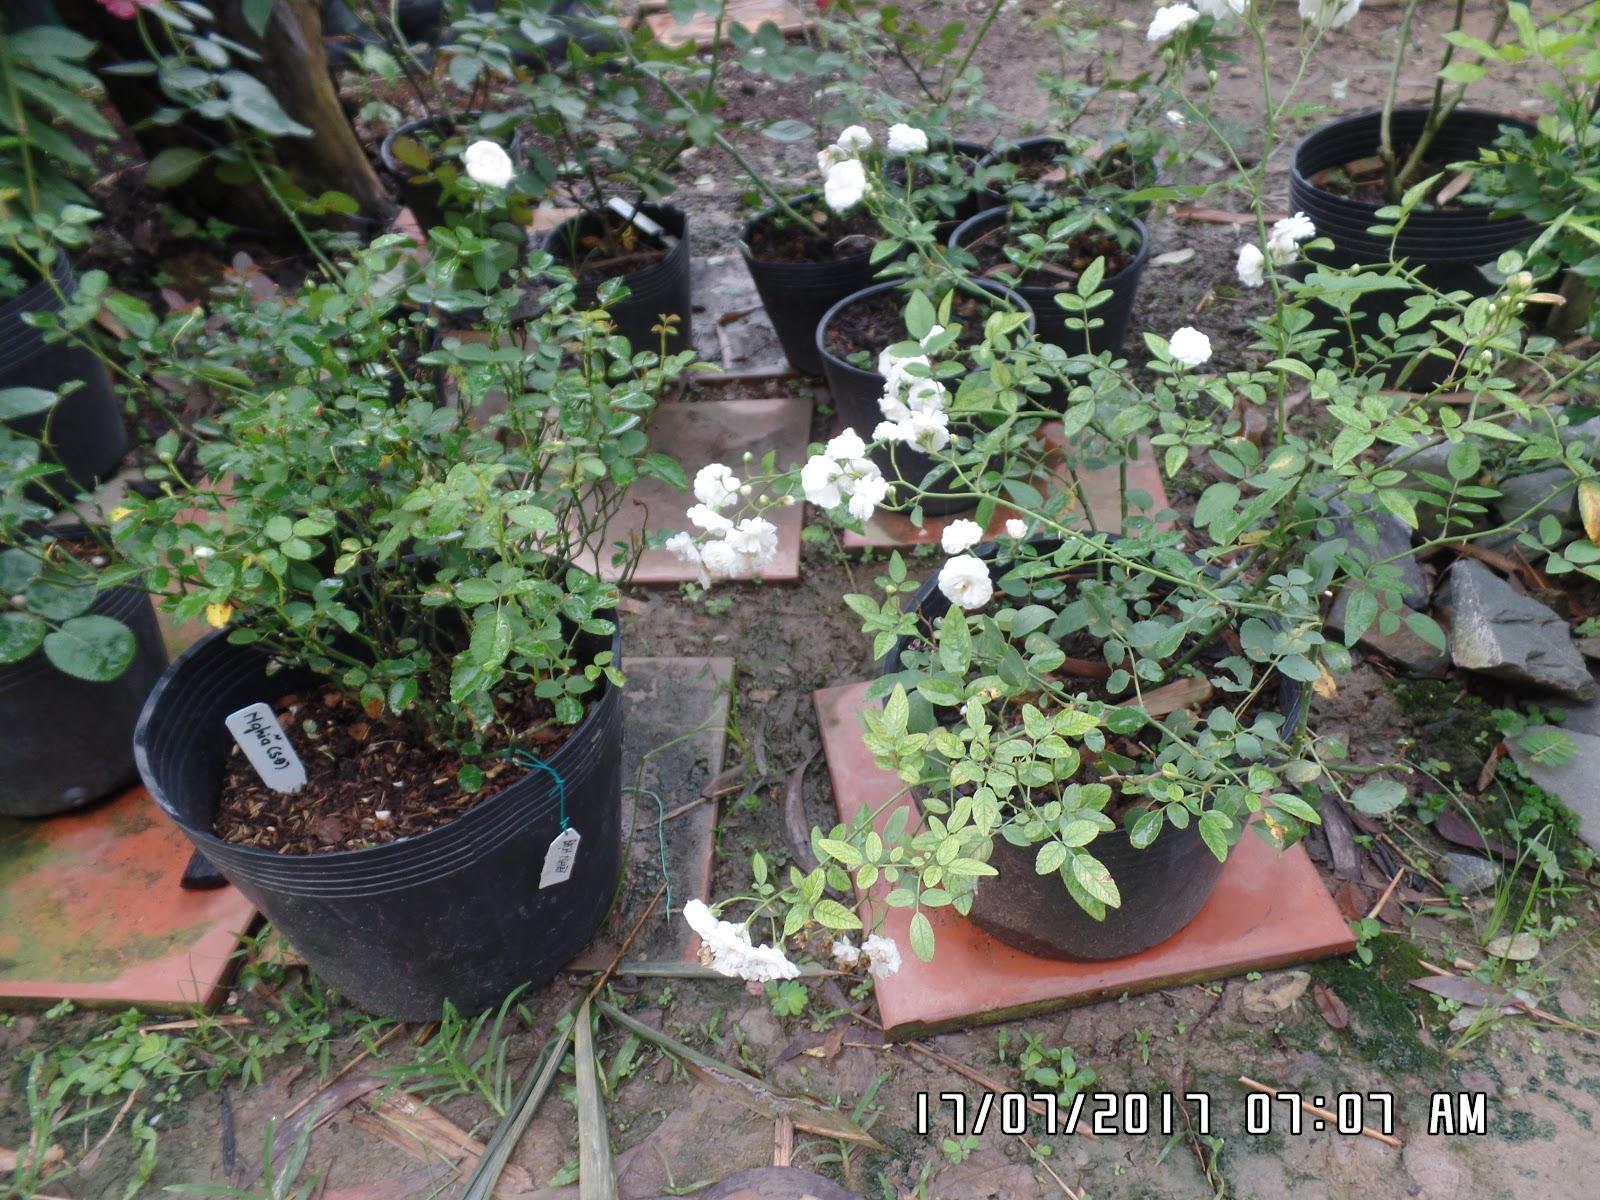 Chậu hồng bên trái là cây hồng Bạch Nhài, chậu hồng bệnh phải là hồng Bạch Trà